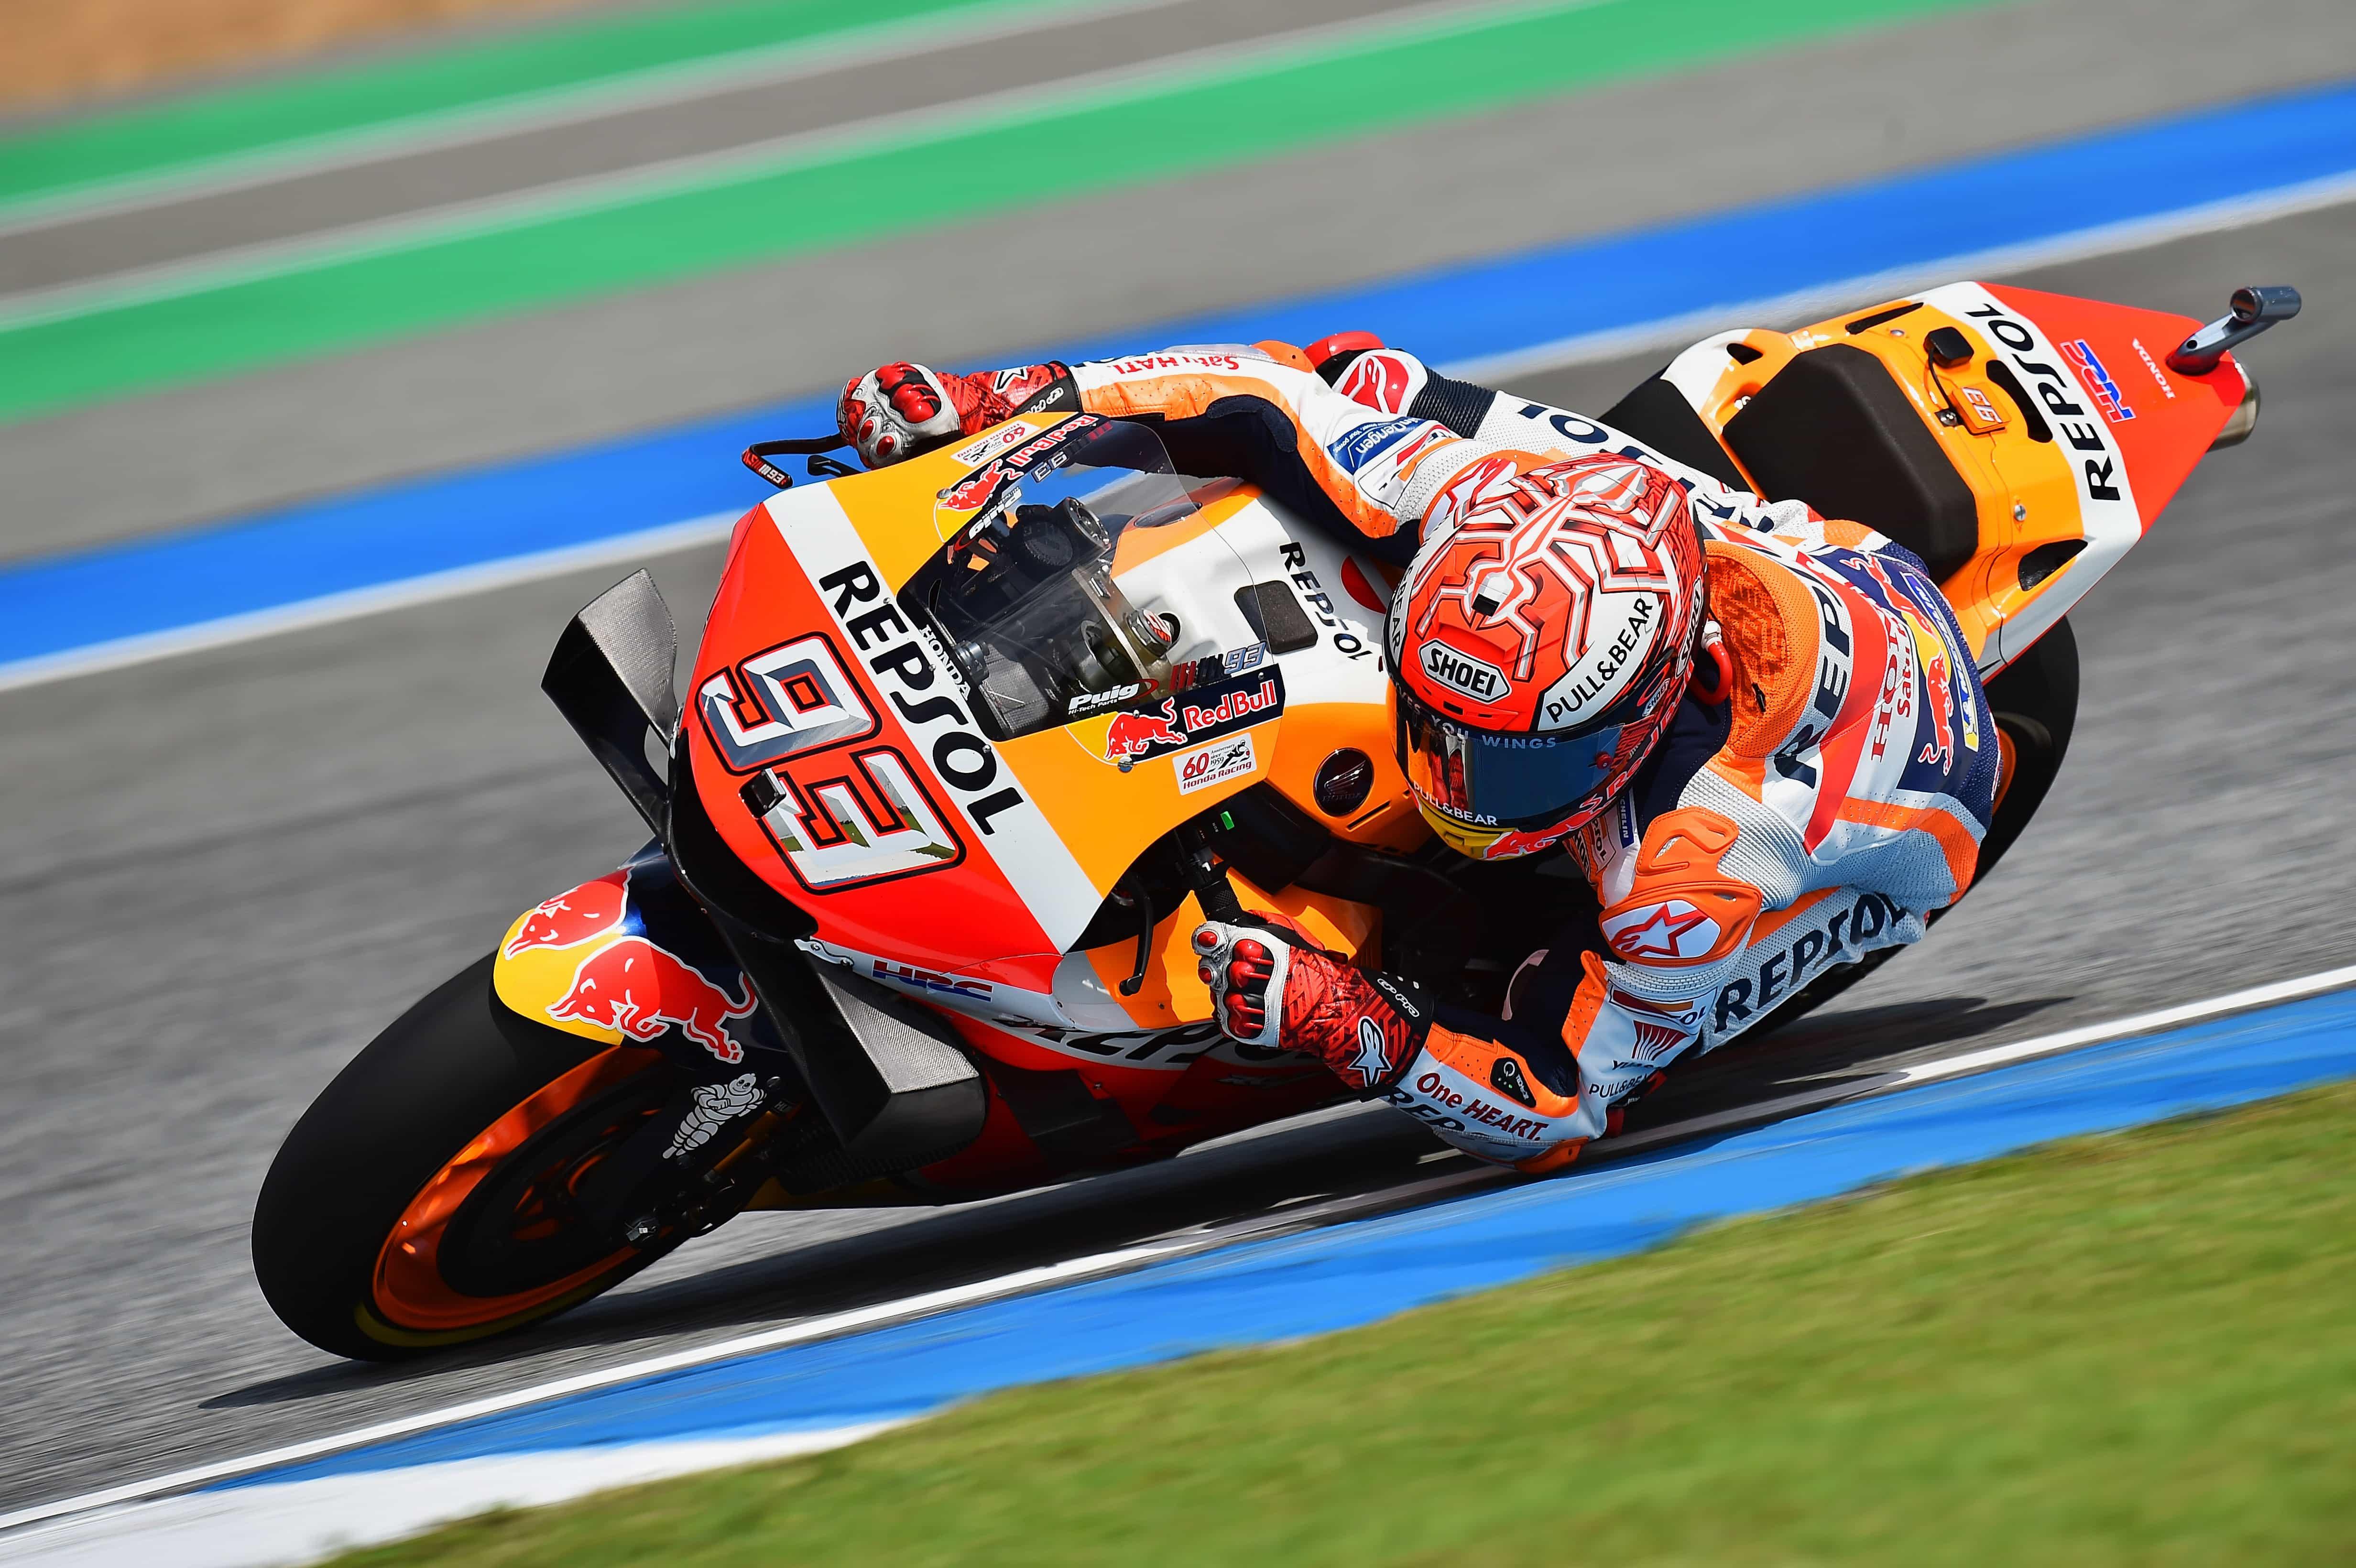 MotoGP2019日本GP マルケス「ホンダのホーム、日本のファンの前で走ることが楽しみ」